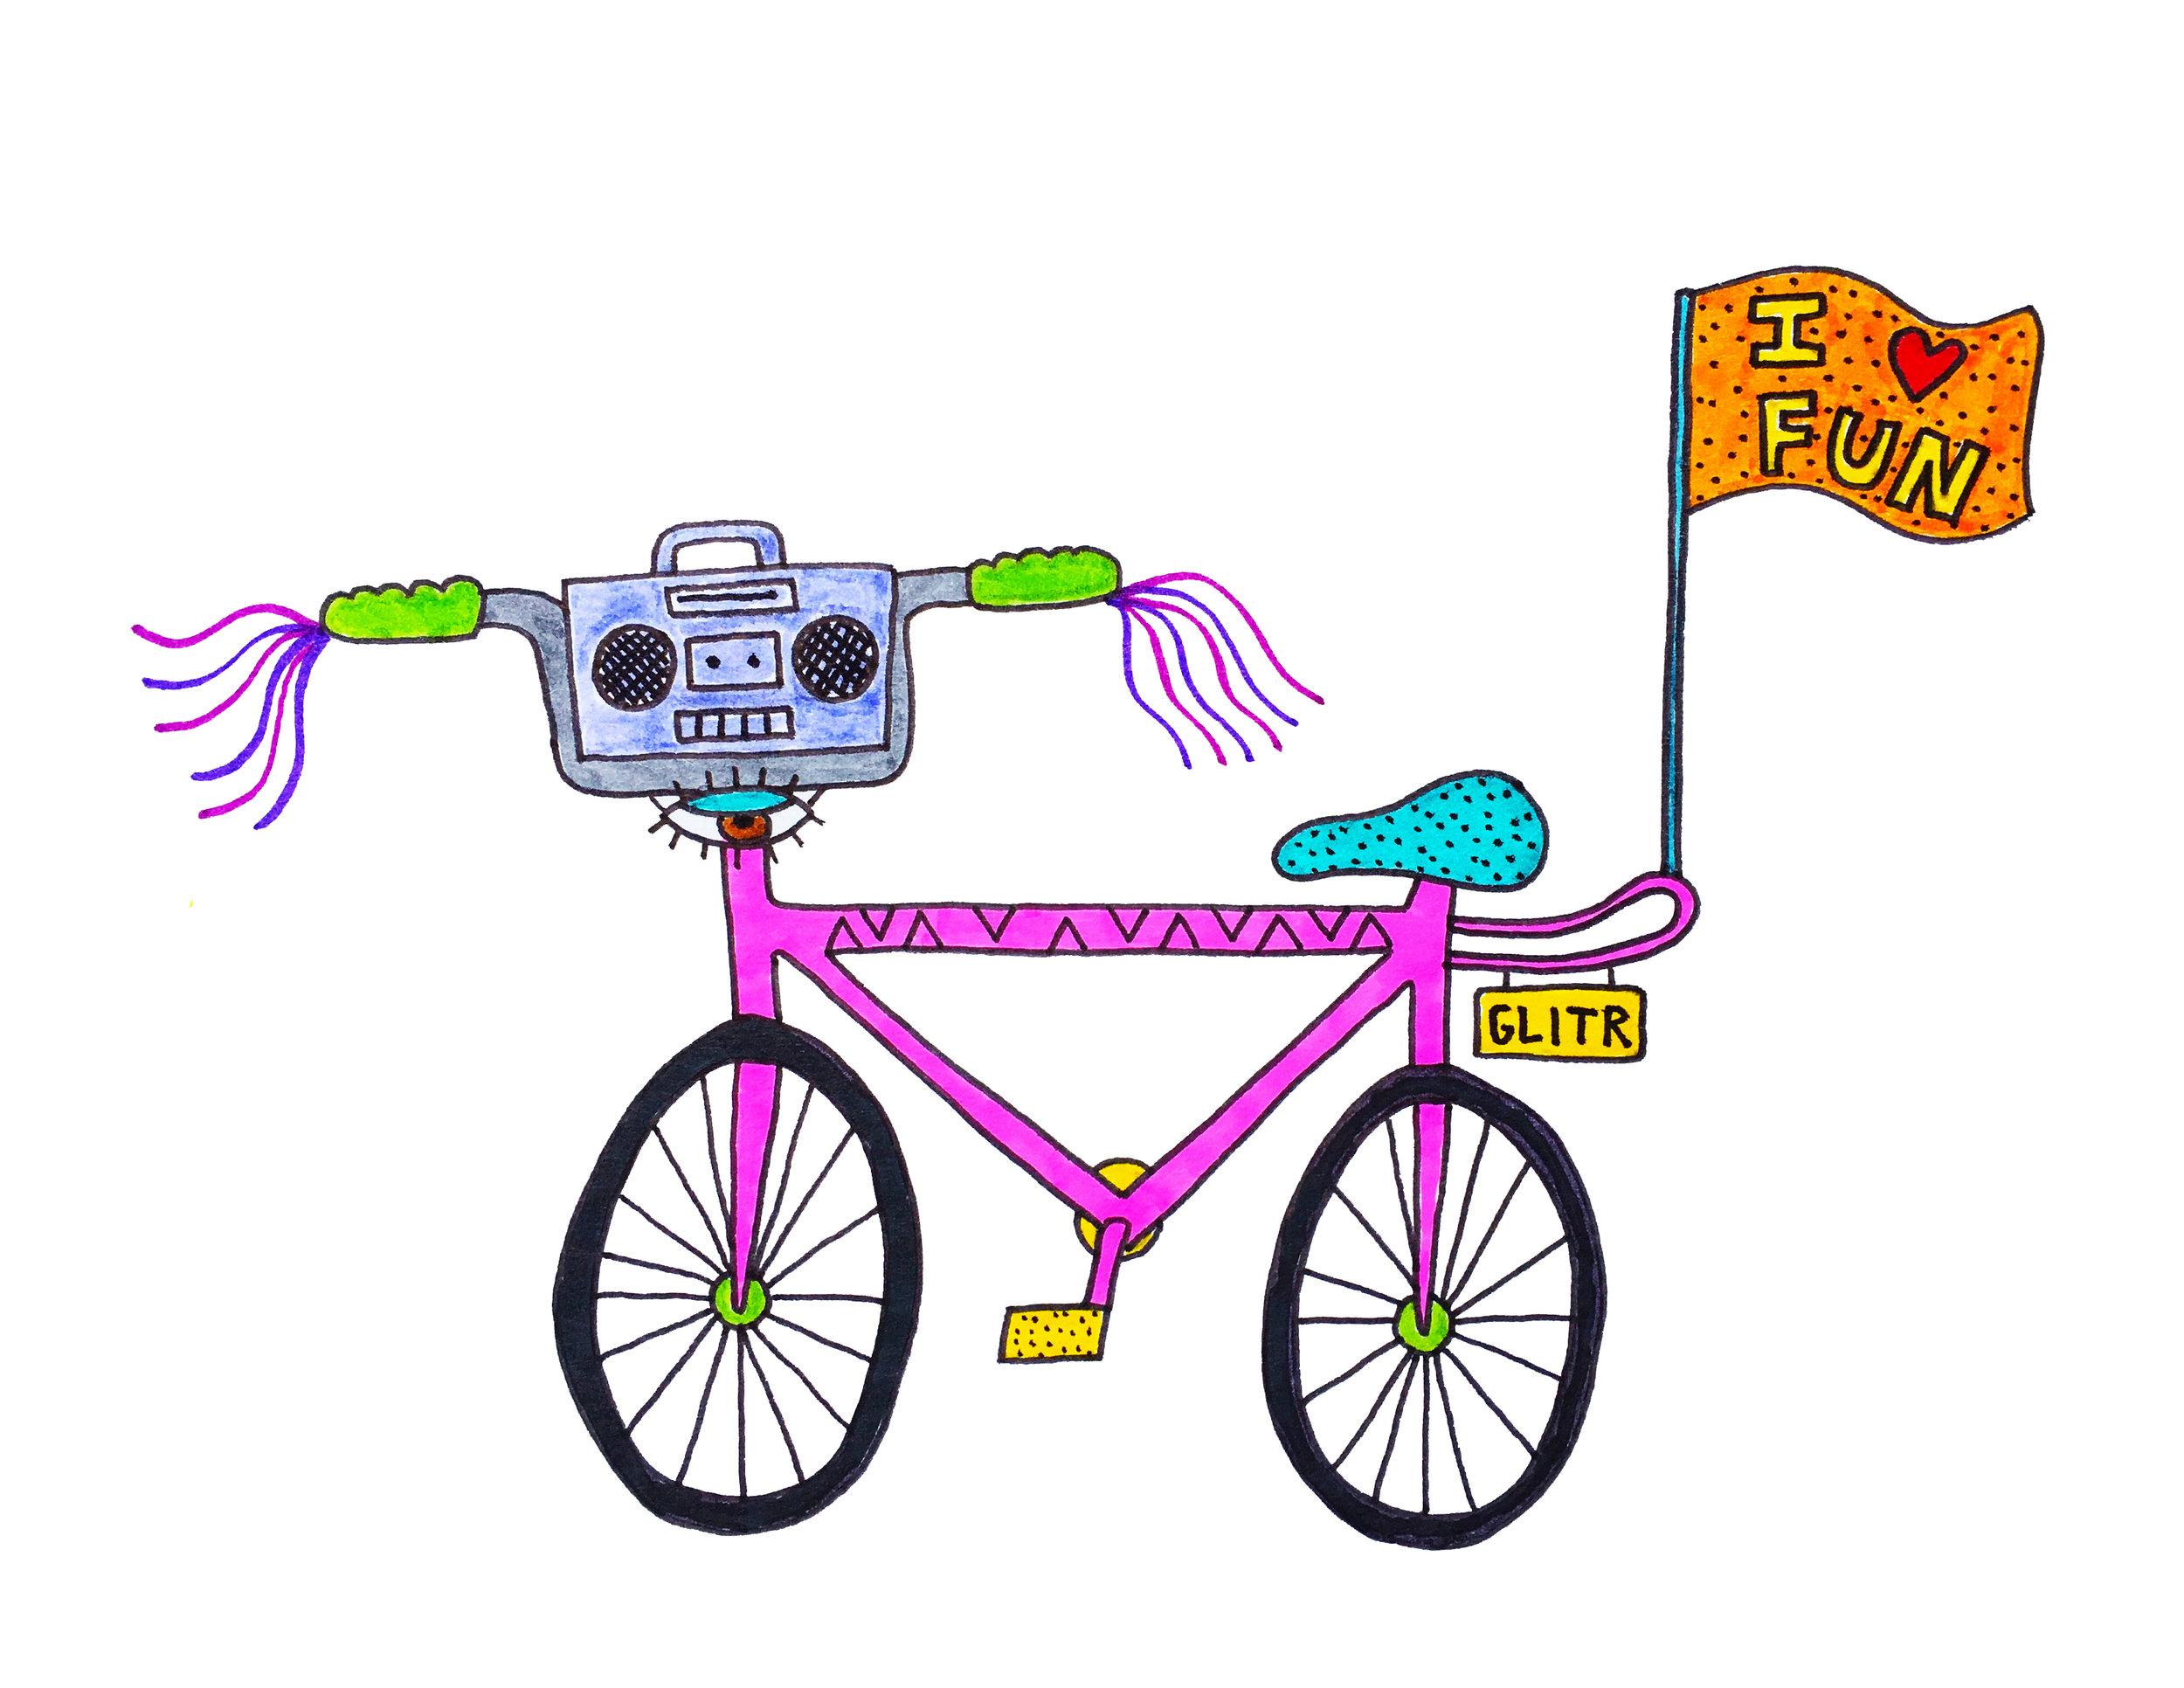 Jesse's bike